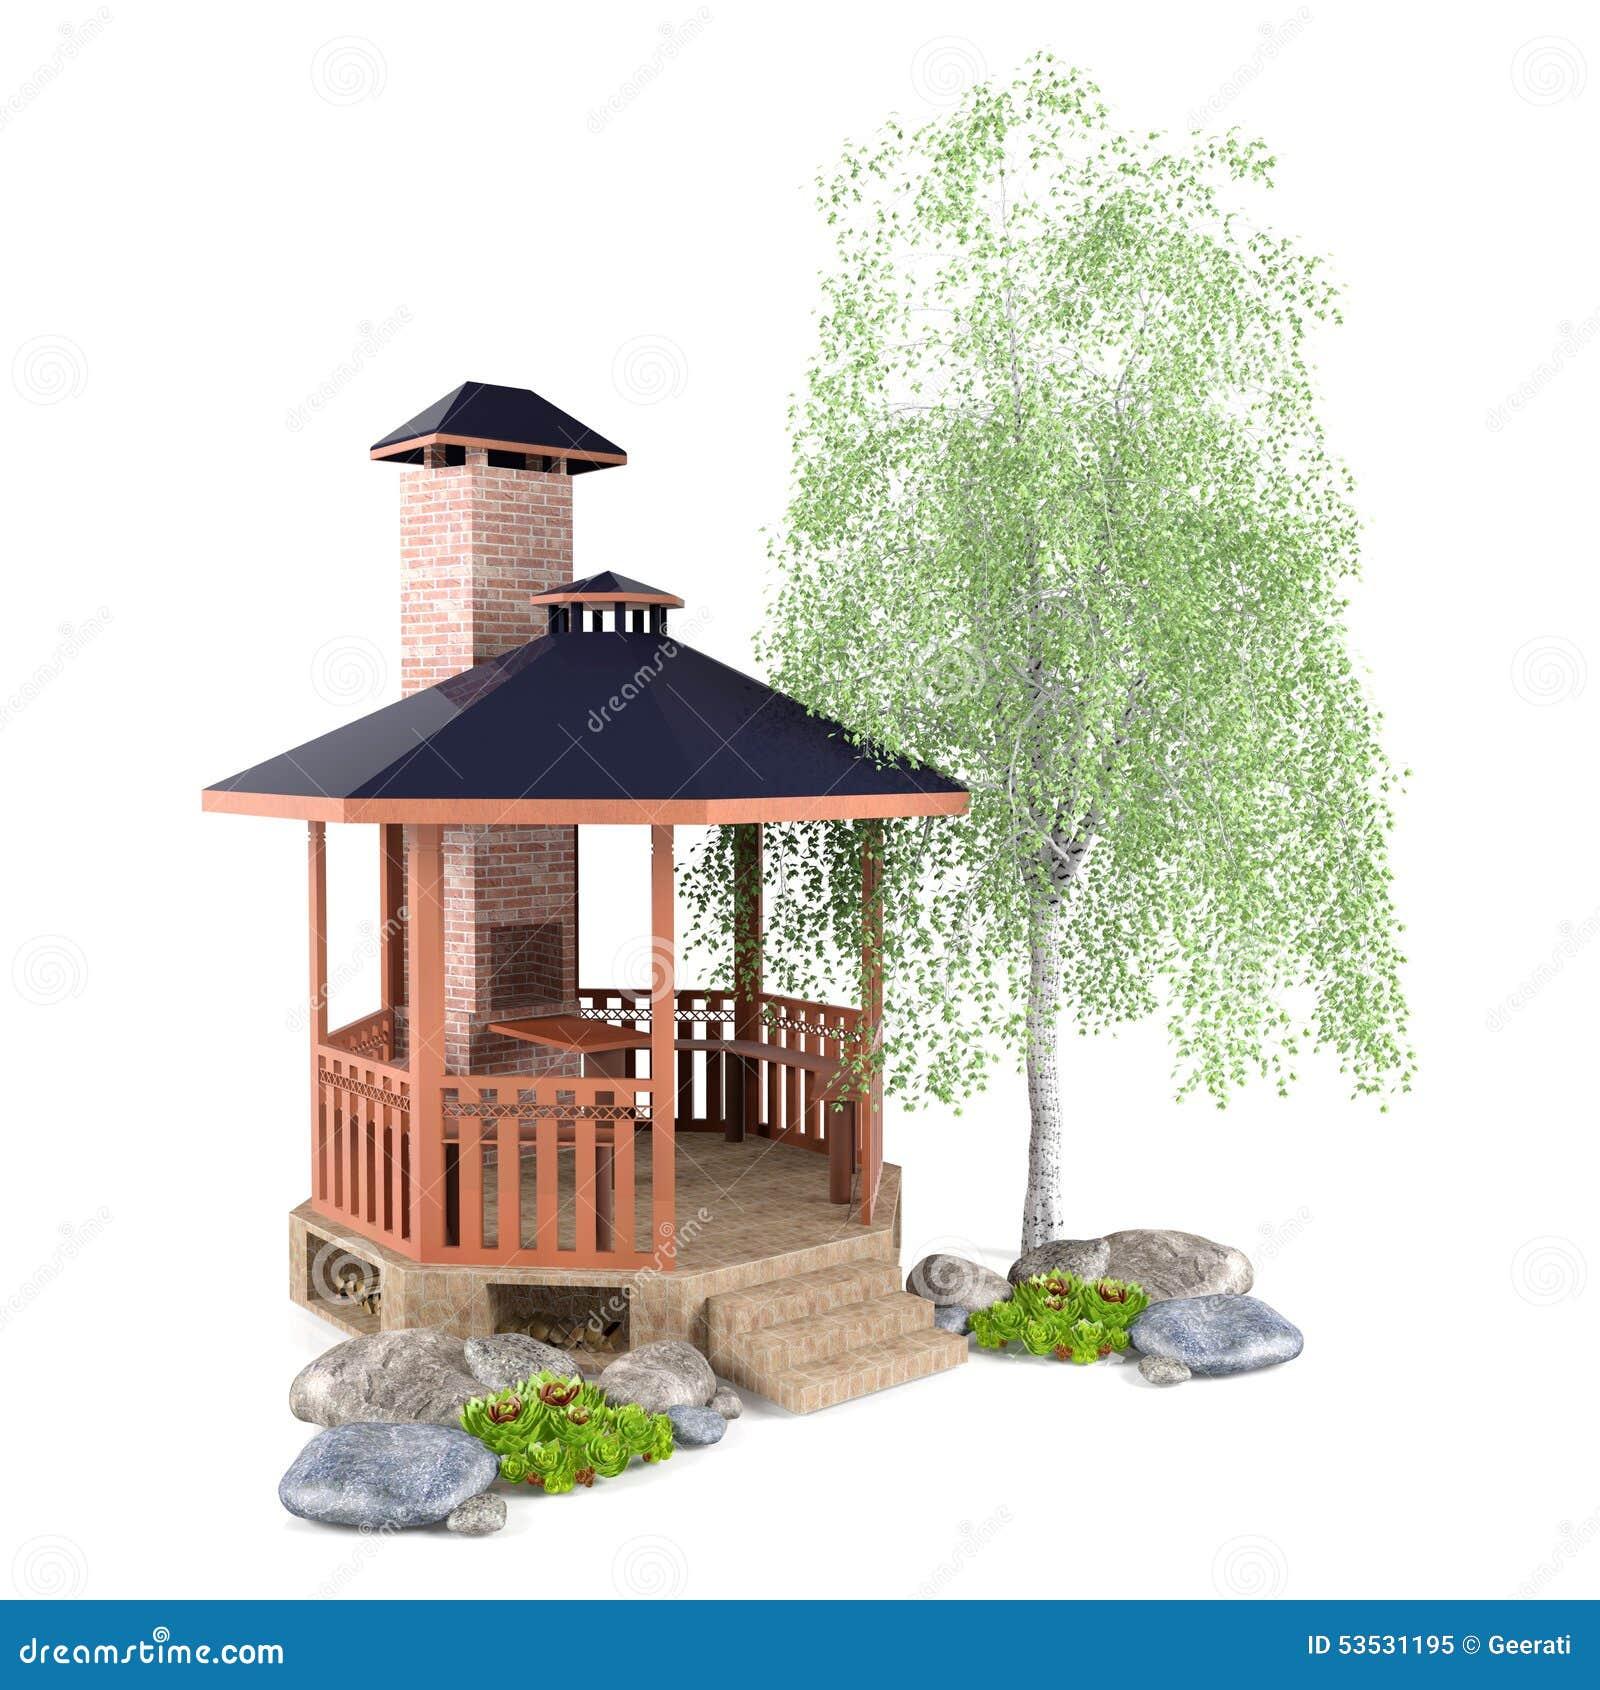 Outdoor Garden Design Stock Illustration Illustration Of Pagoda 53531195